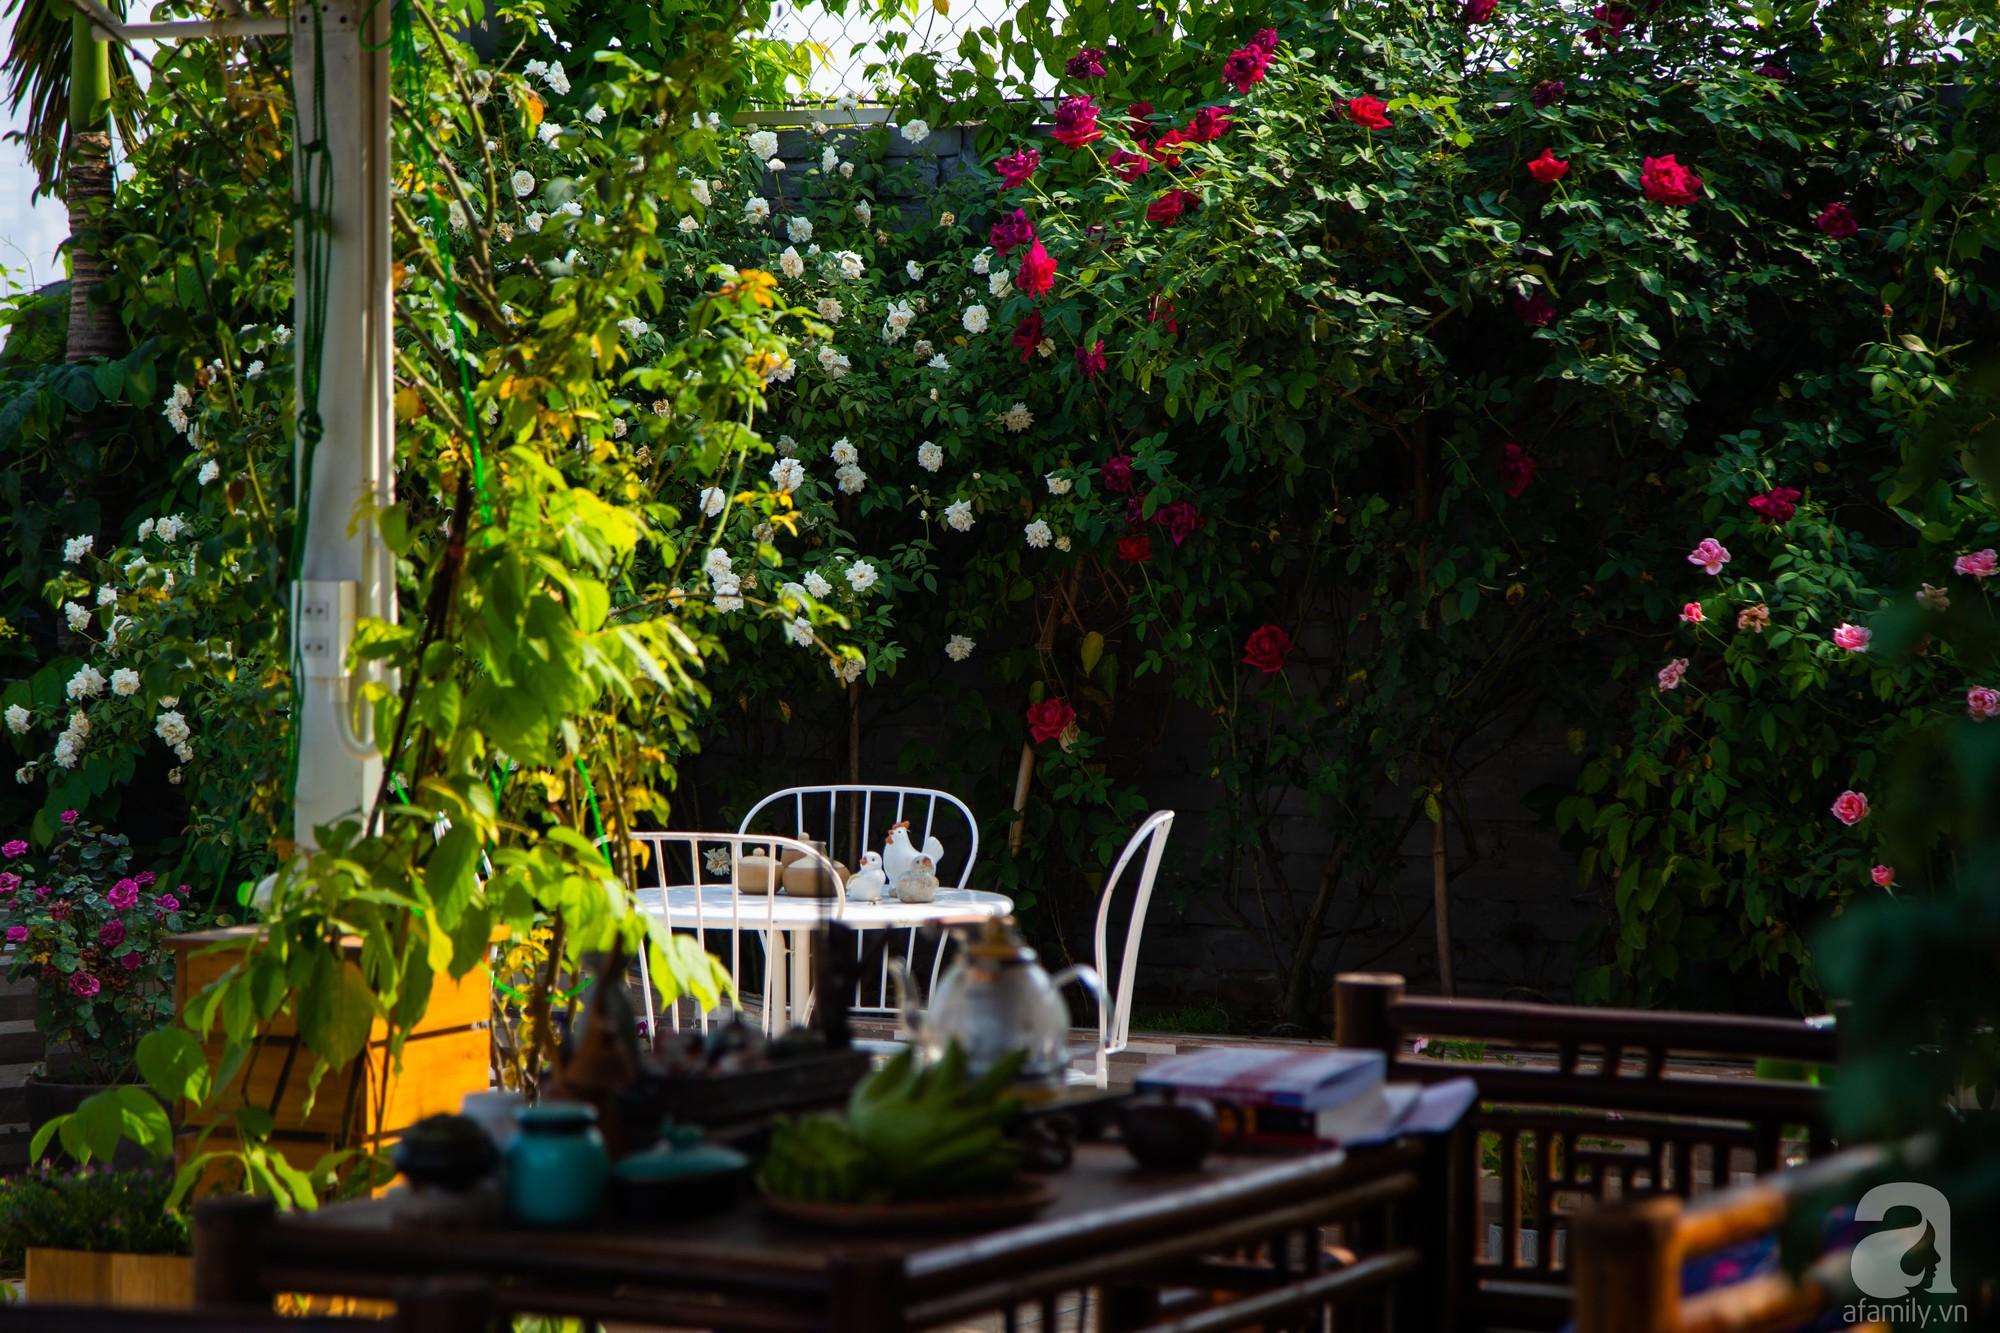 Khu vườn trên sân thượng rộng 200m² đẹp ngỡ ngàng với trăm loài hoa đua nhau khoe sắc ở Hà Nội - 26